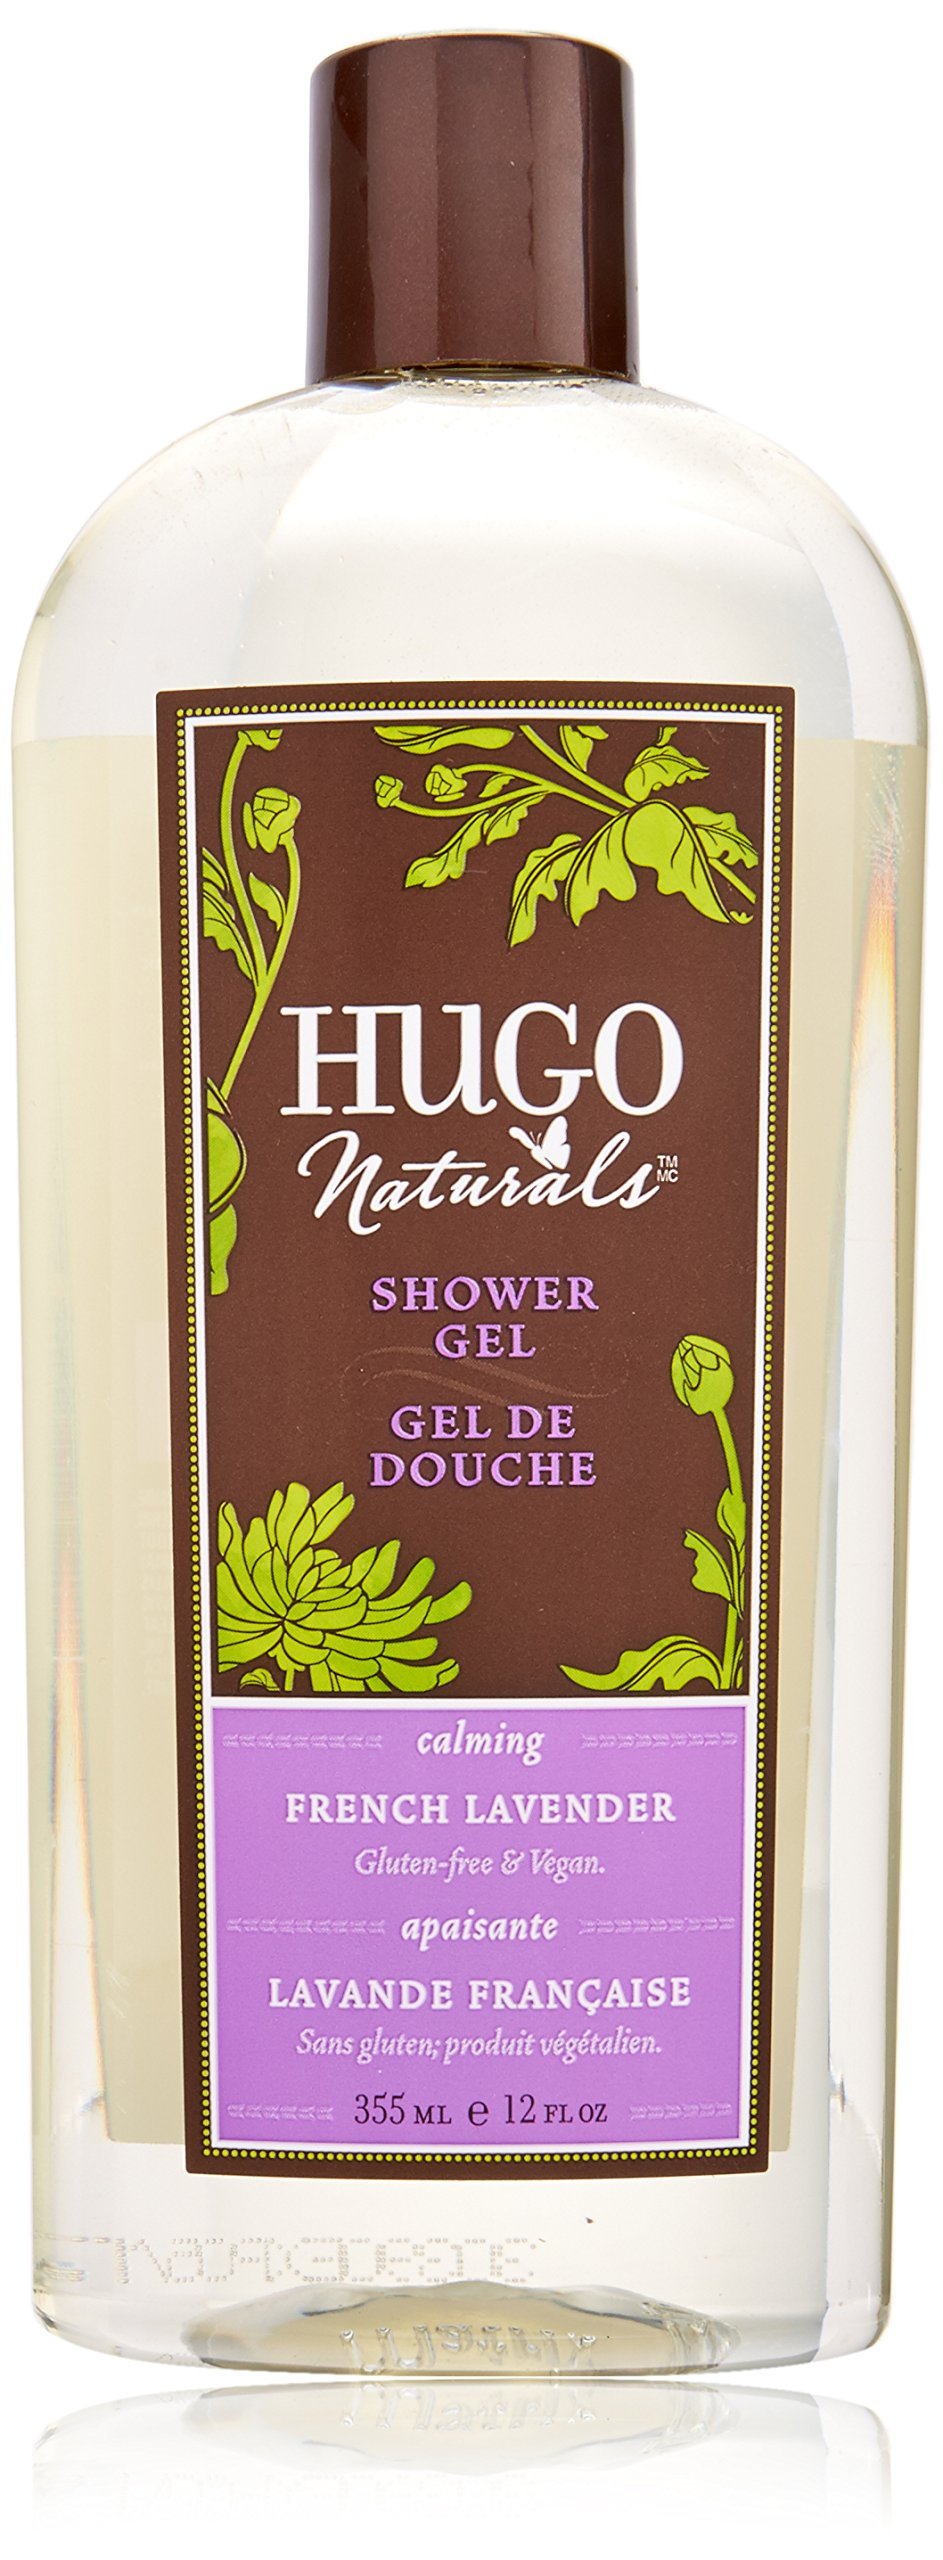 Hugo Naturals Shower Gel, French Lavender, 12 Ounce Bottle